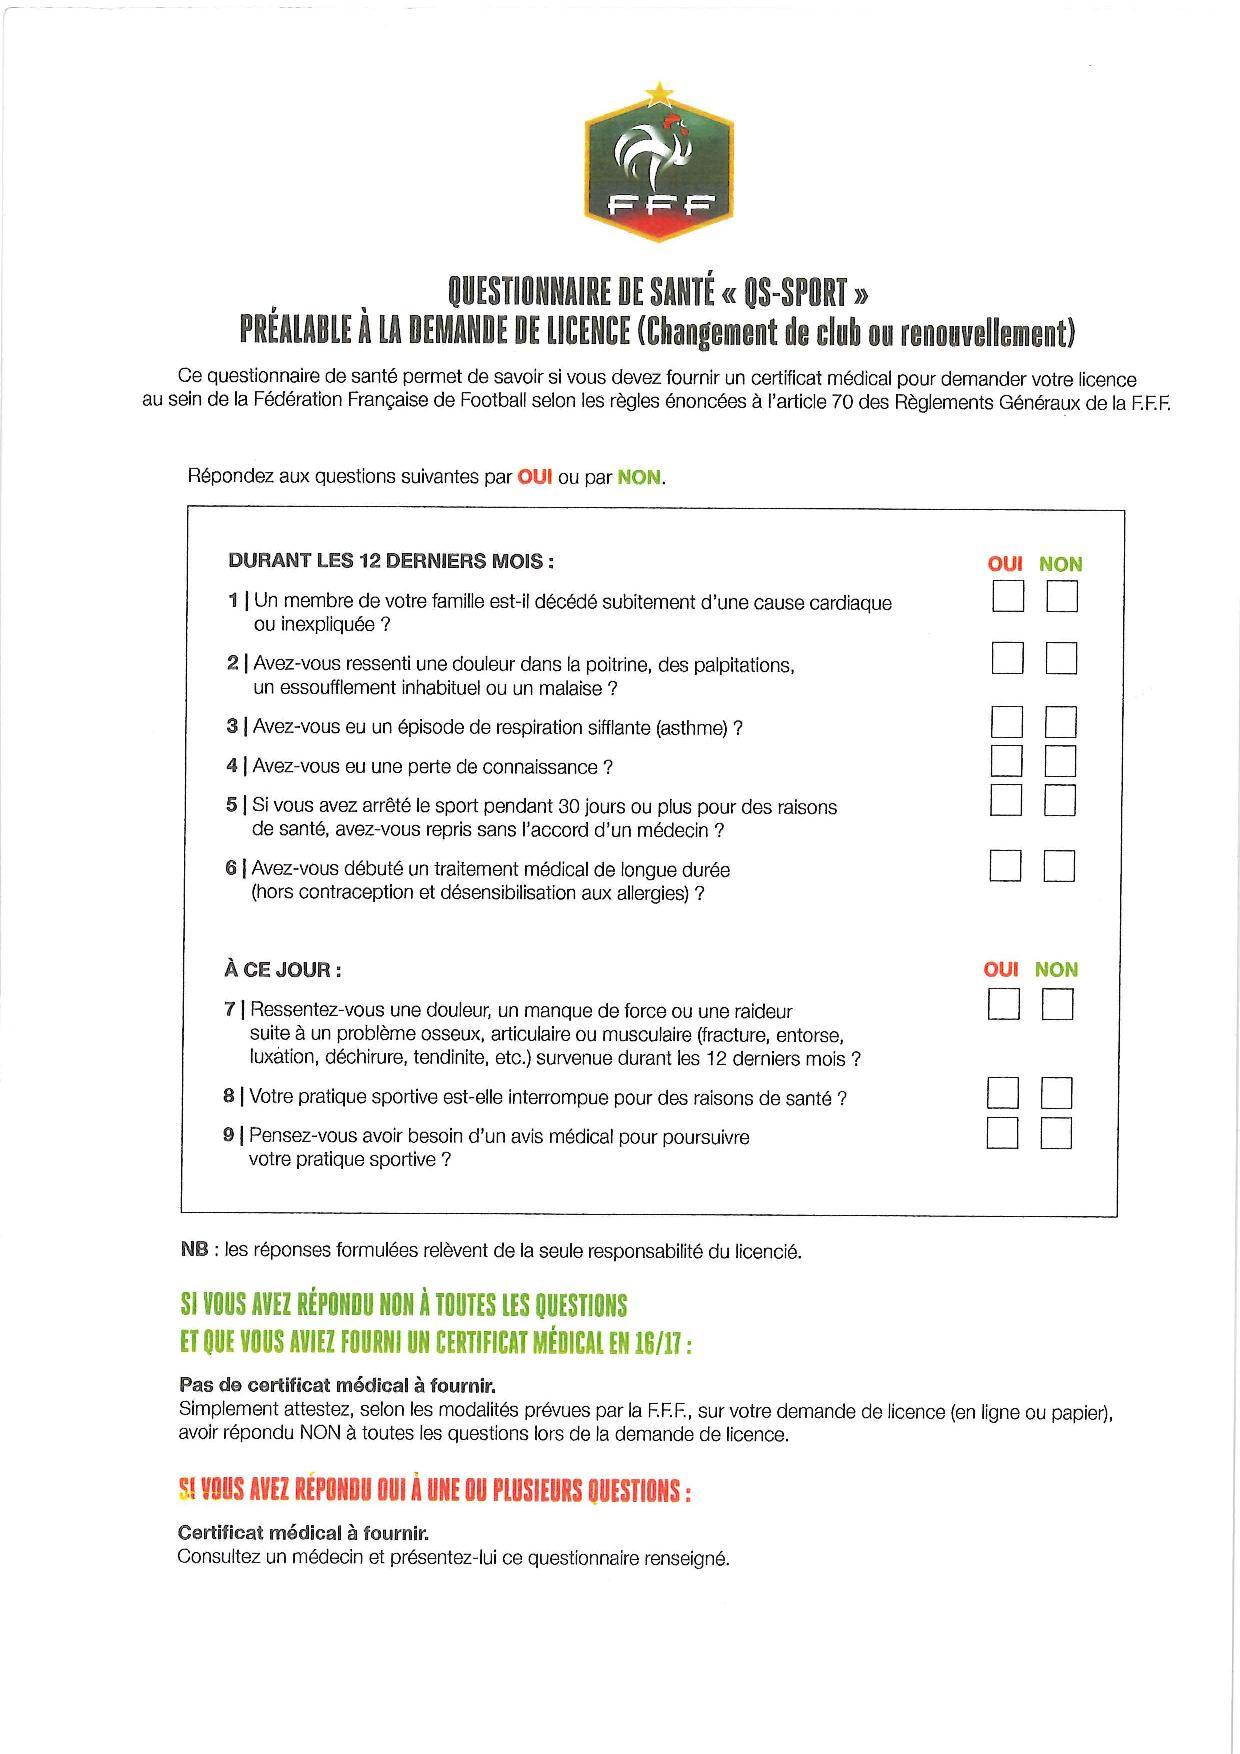 DemandeLicence-page-002.jpg